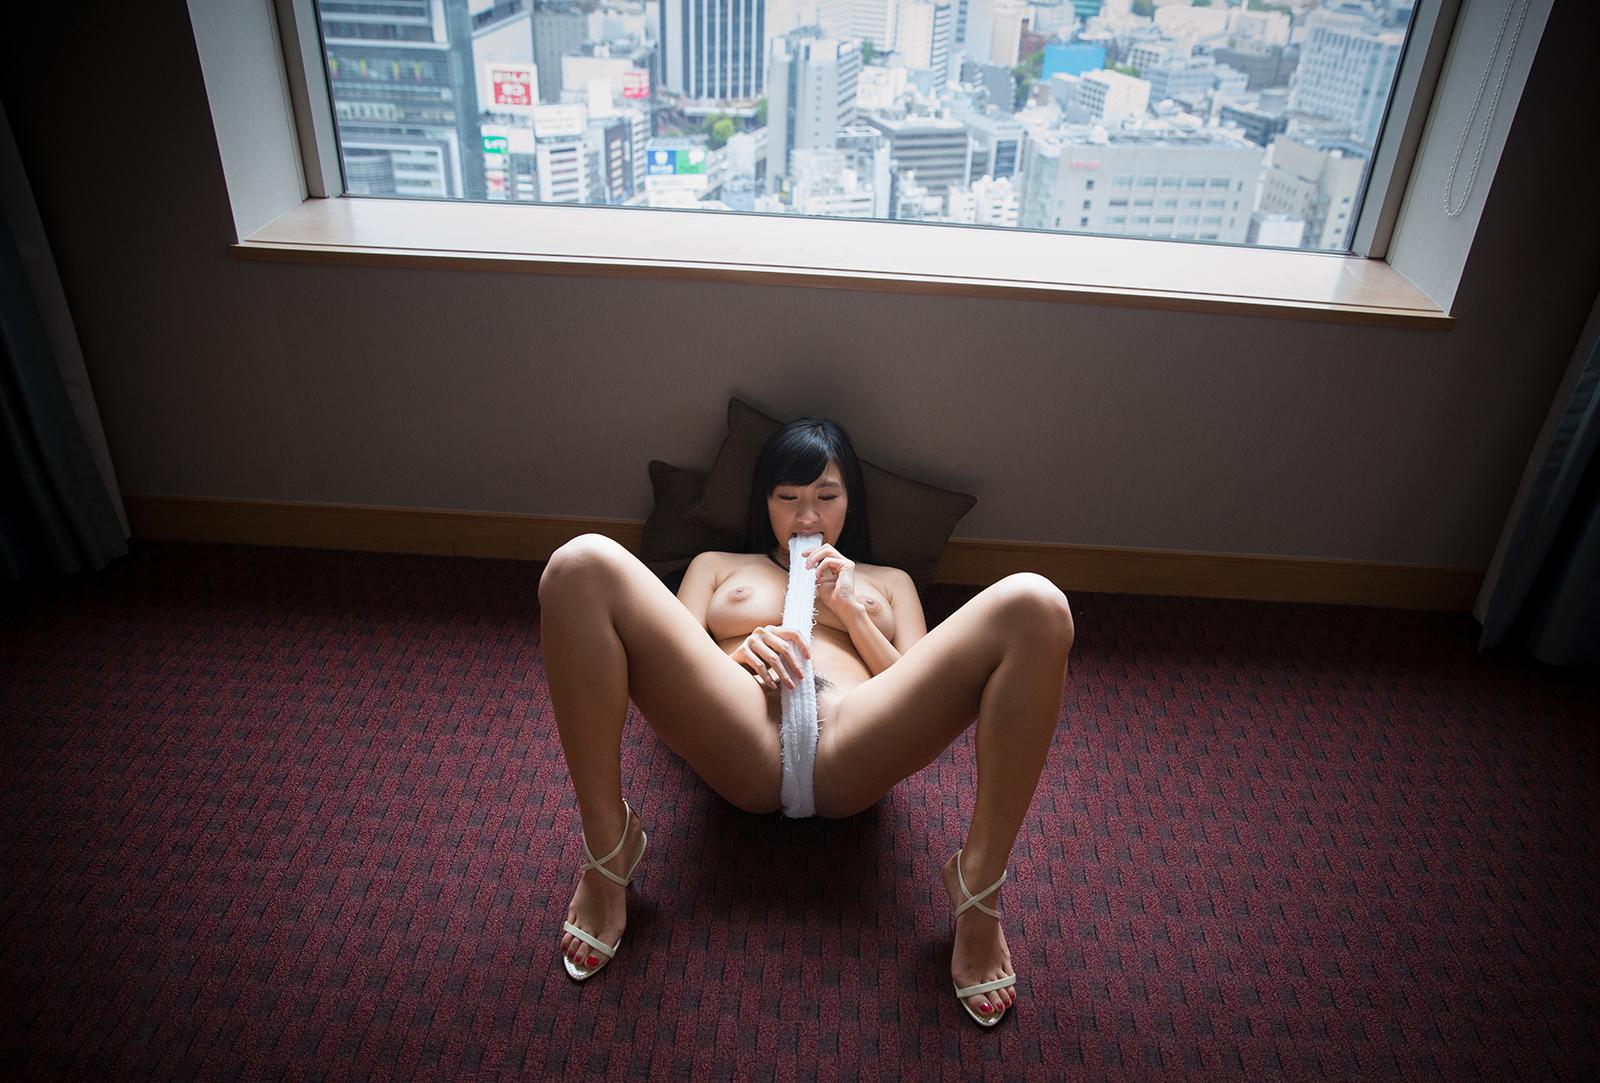 小倉奈々 画像 32